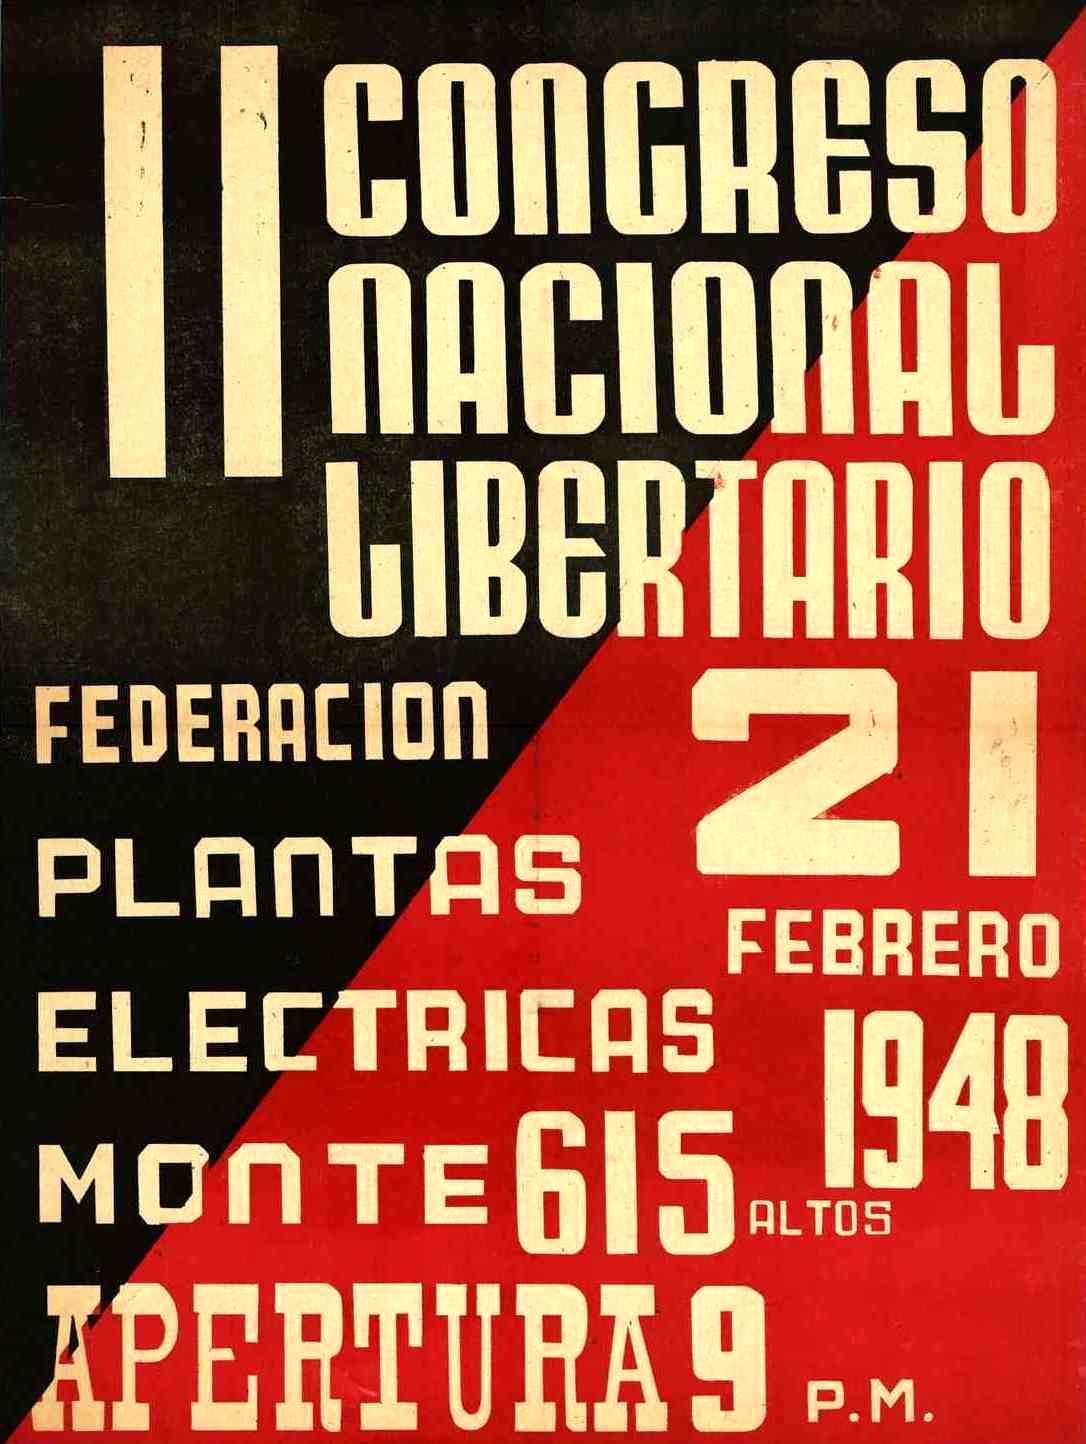 Cartell del II Congrés Nacional Llibertari de Cuba (1948)